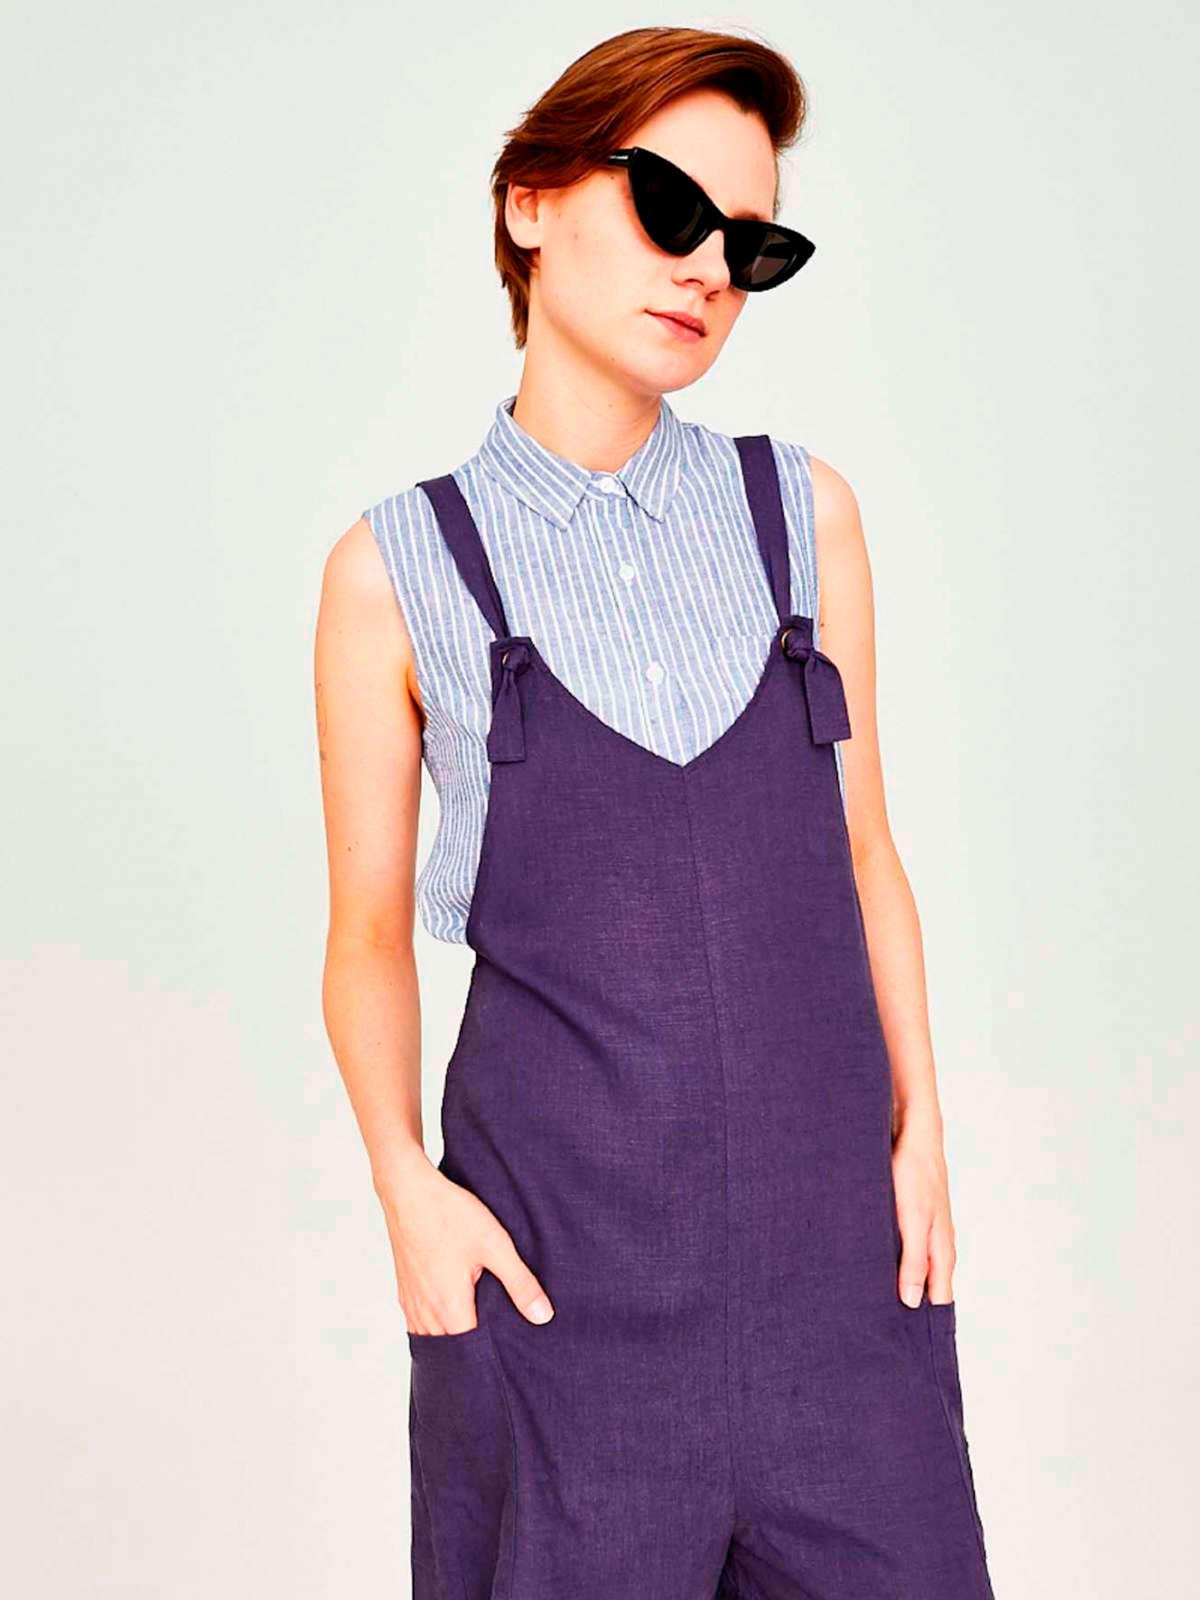 Comprar Vestidos de punto barato en Talavera de la Reina - Ofertia